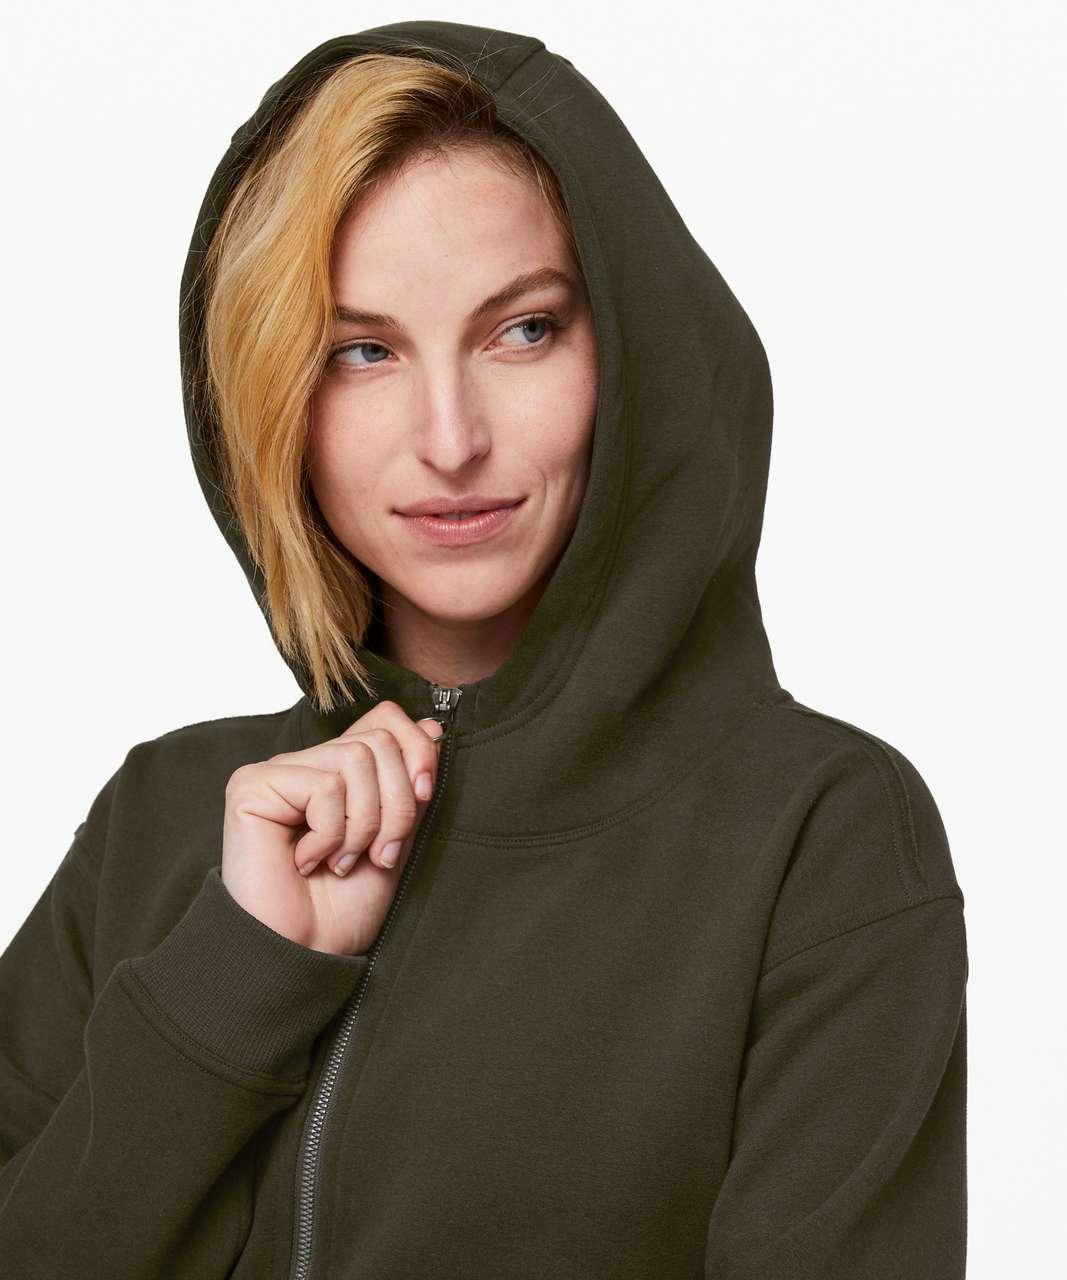 Lululemon All Yours Zip Hoodie - Dark Olive